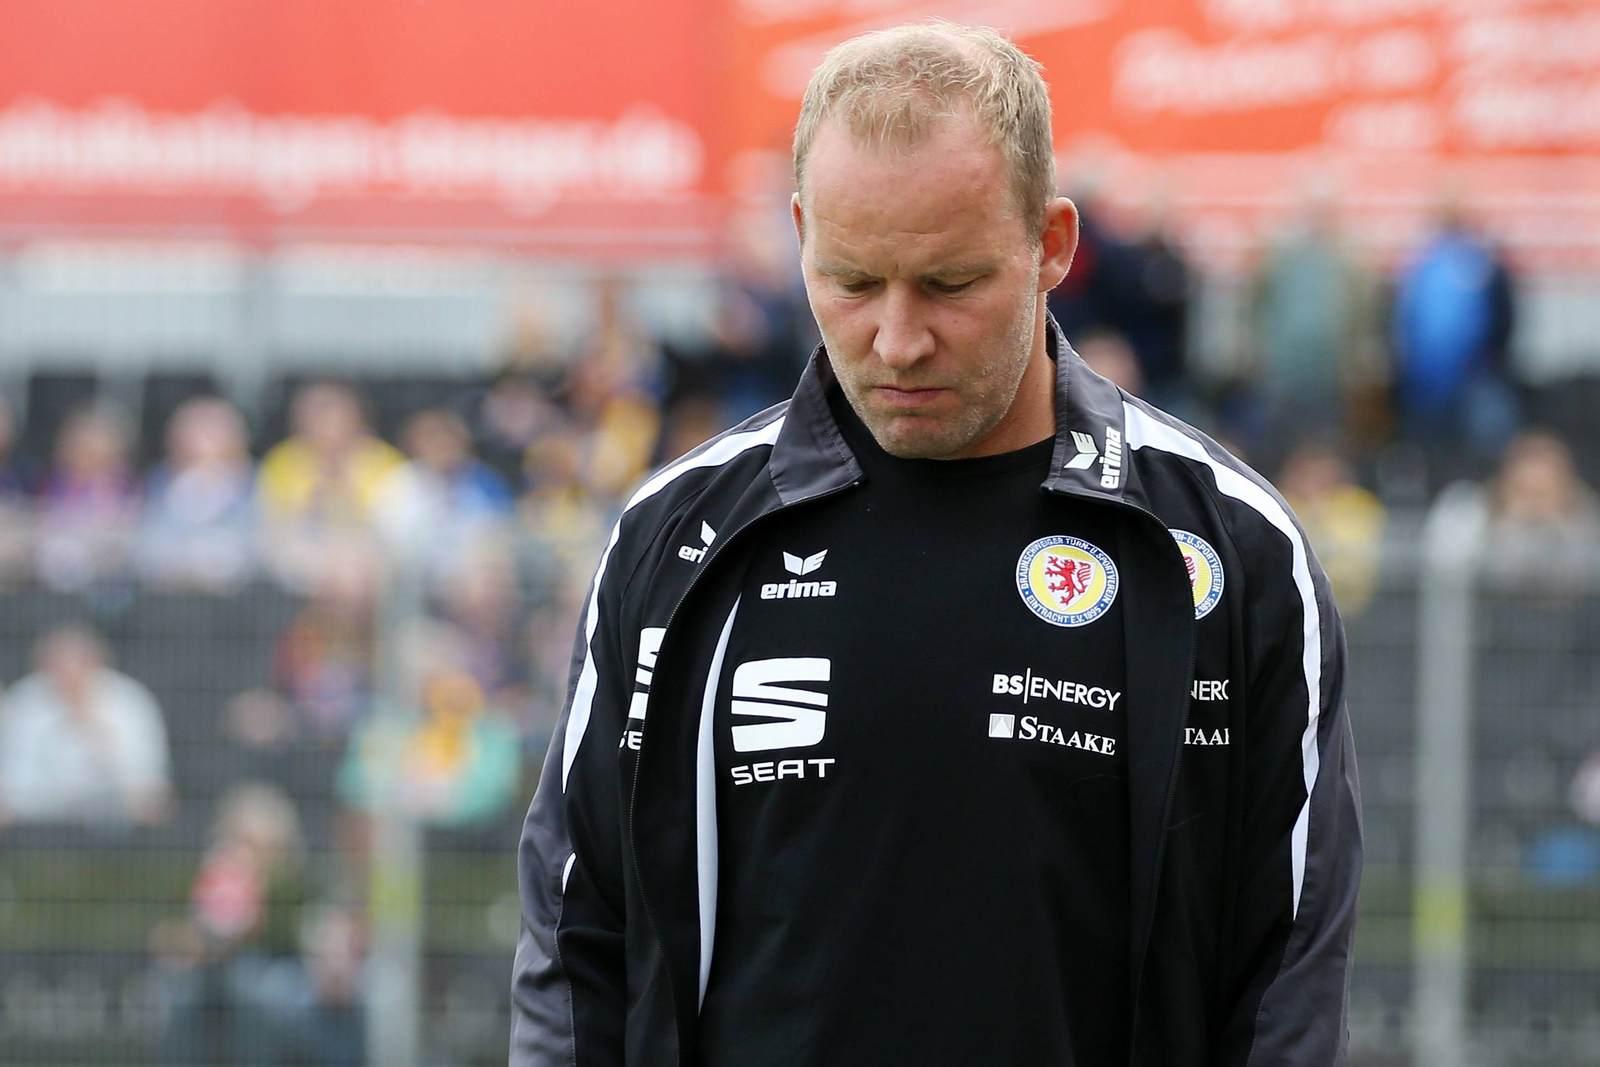 Henrik Pedersen von Eintracht Braunschweig